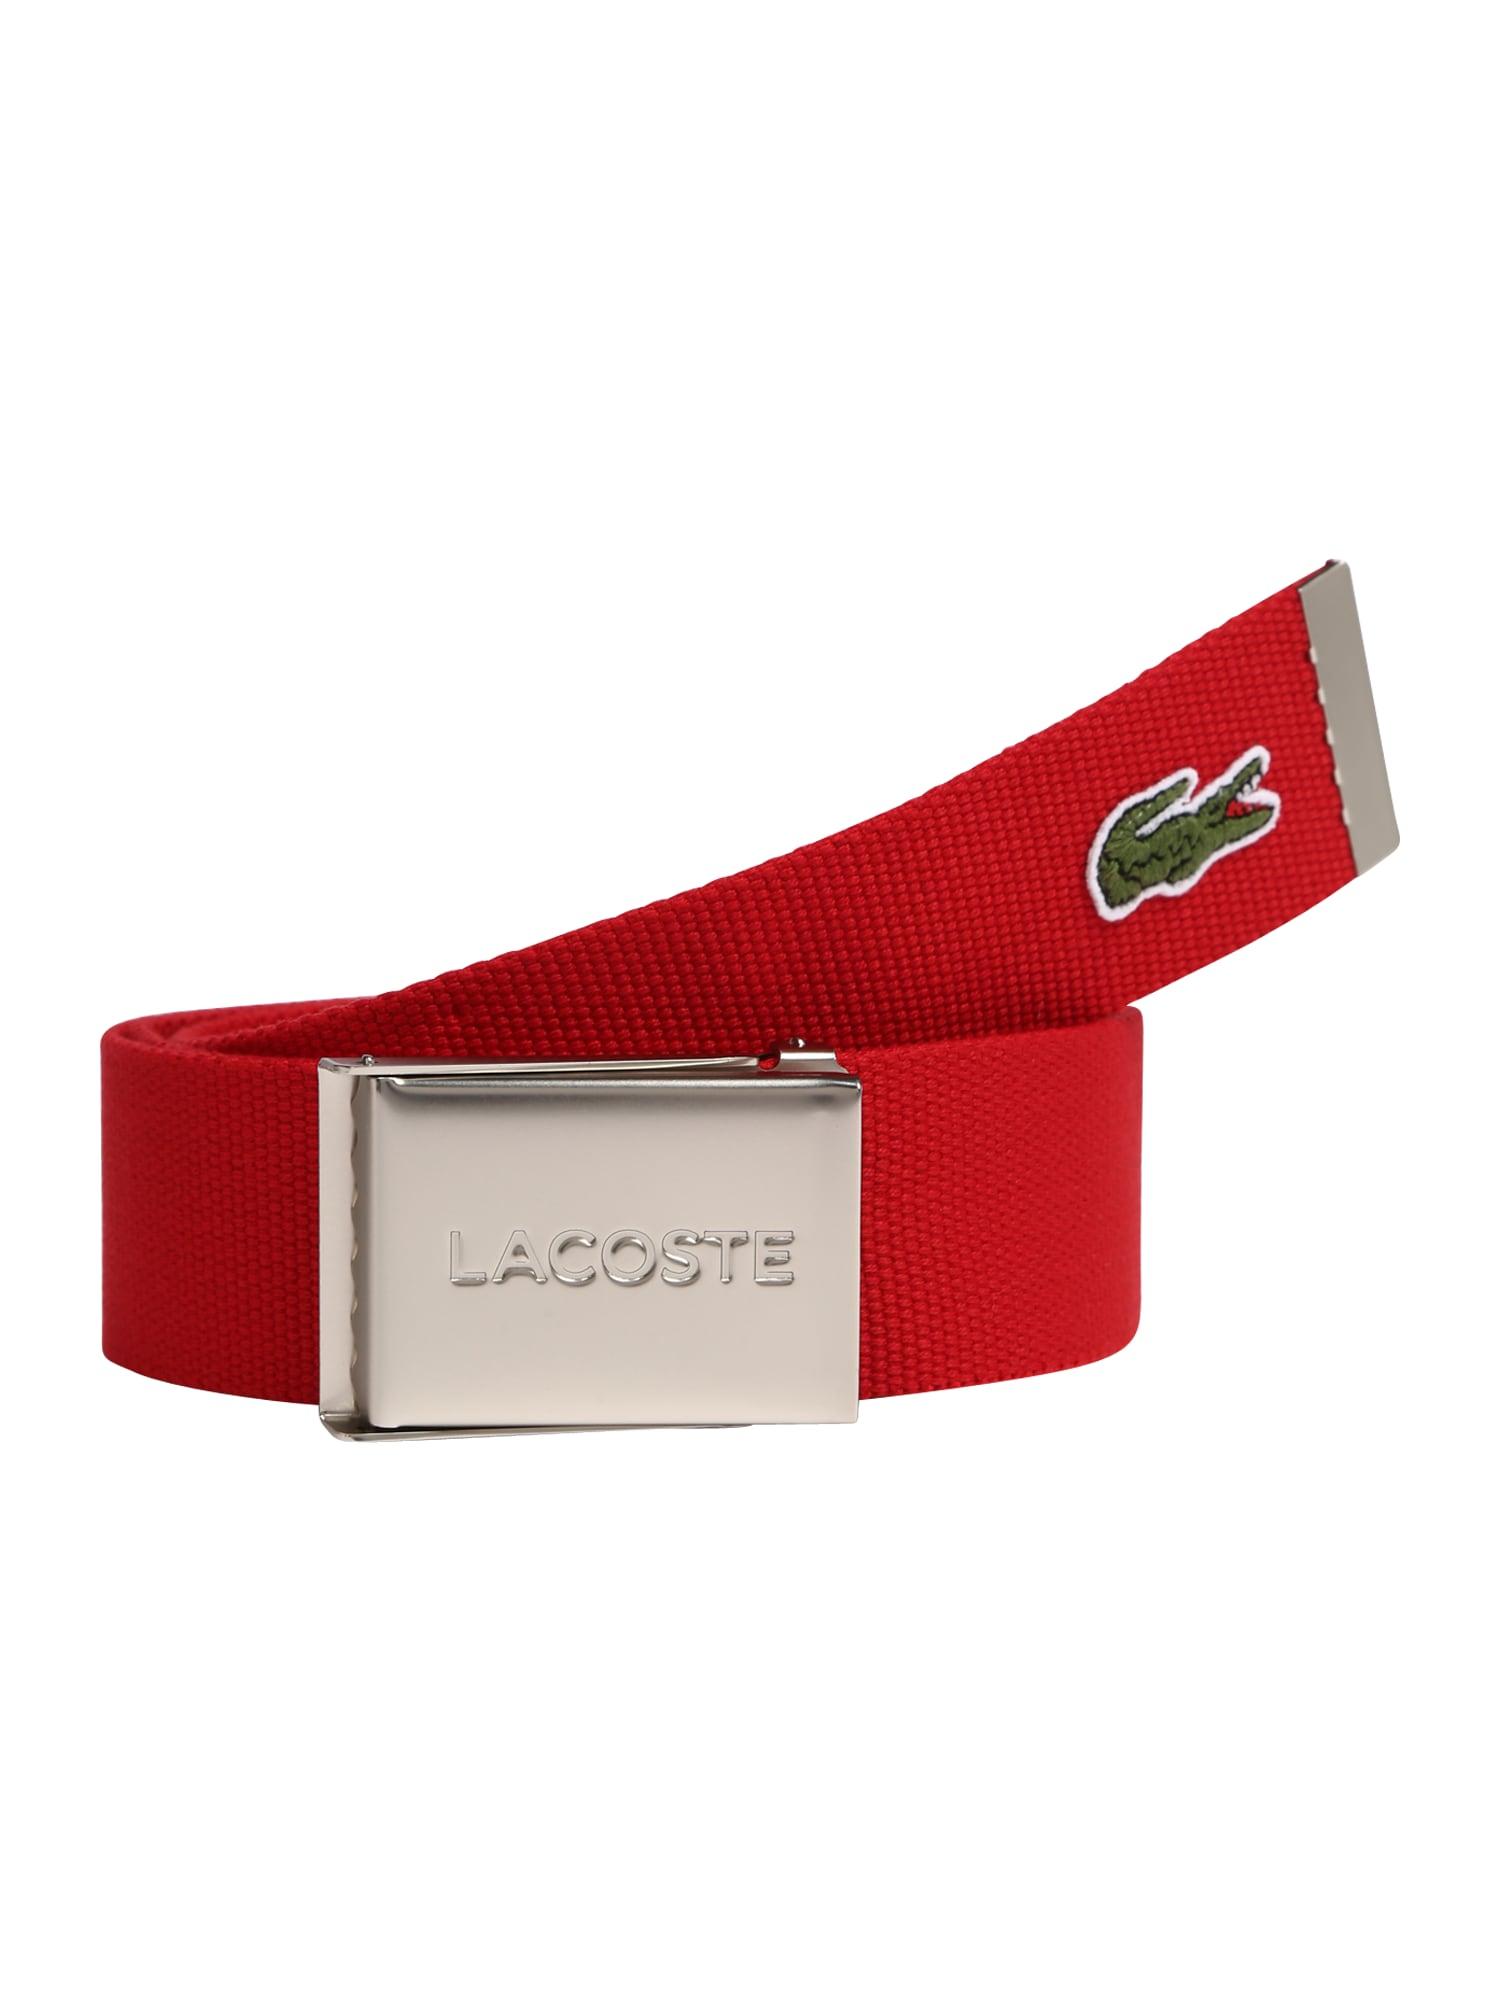 LACOSTE Diržas raudona / alyvuogių spalva / balta